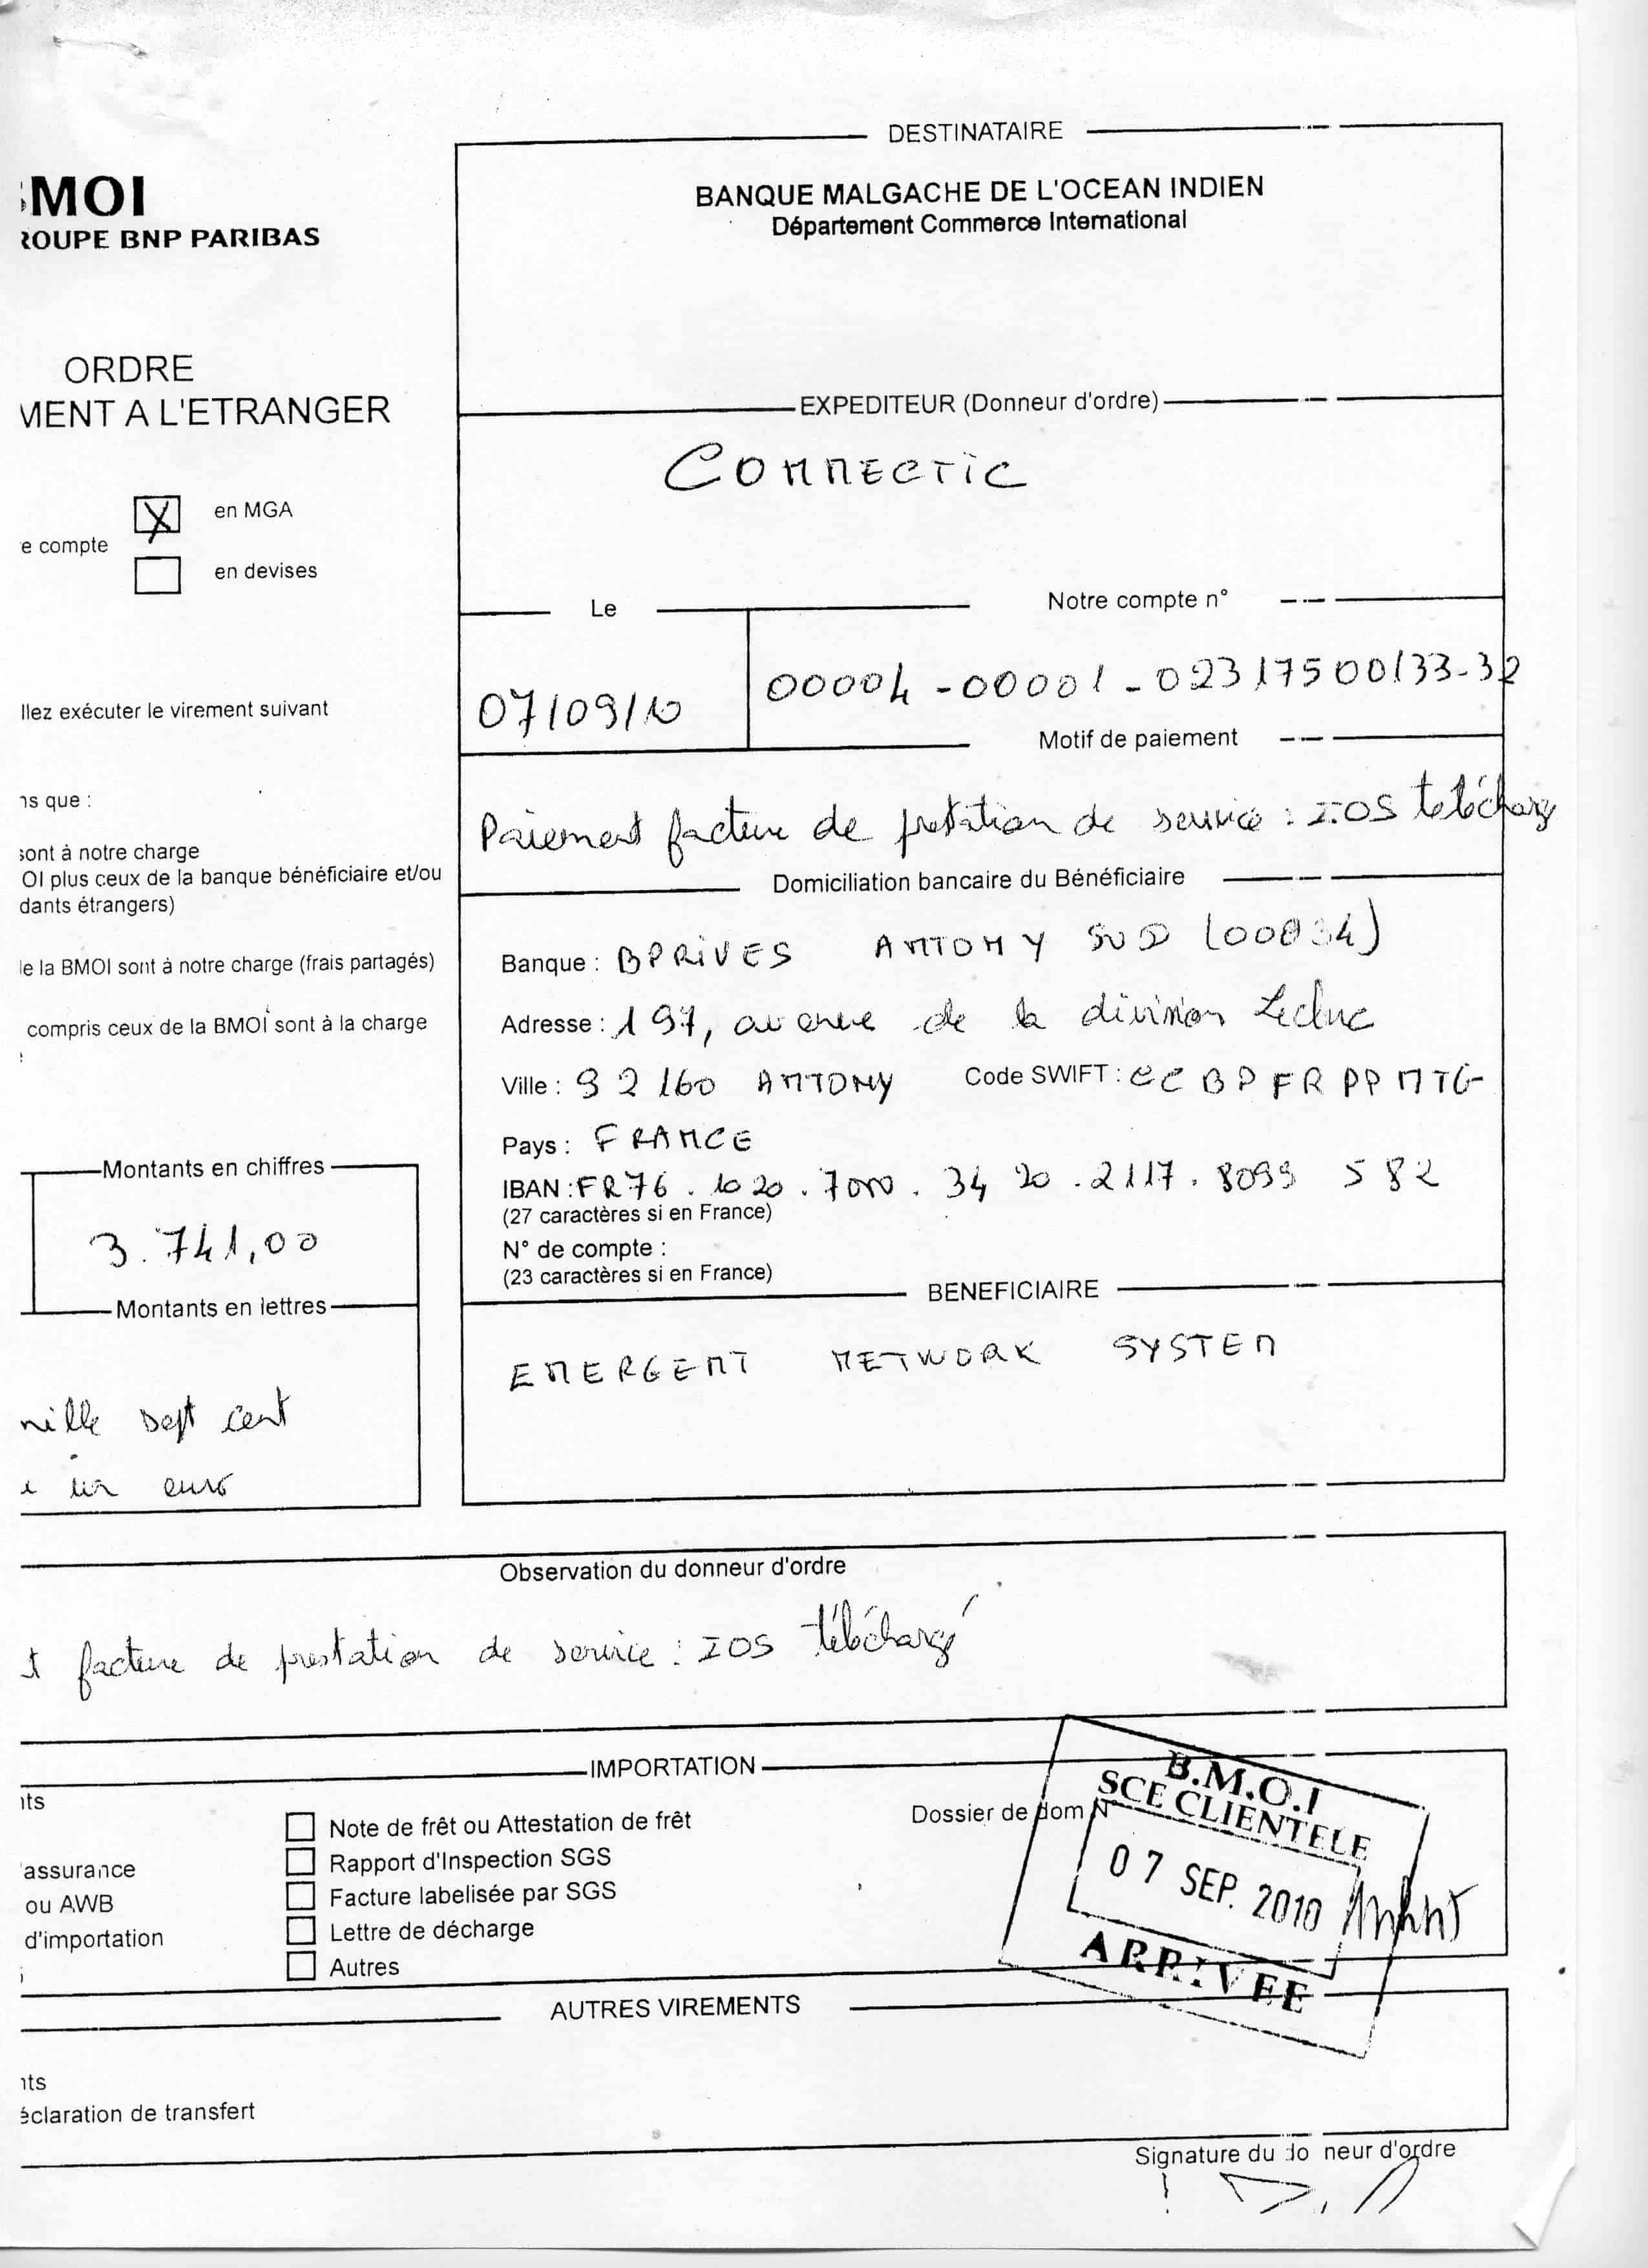 RANARISON Tsialvo a signé tous les virements bancaires de CONNECTIC